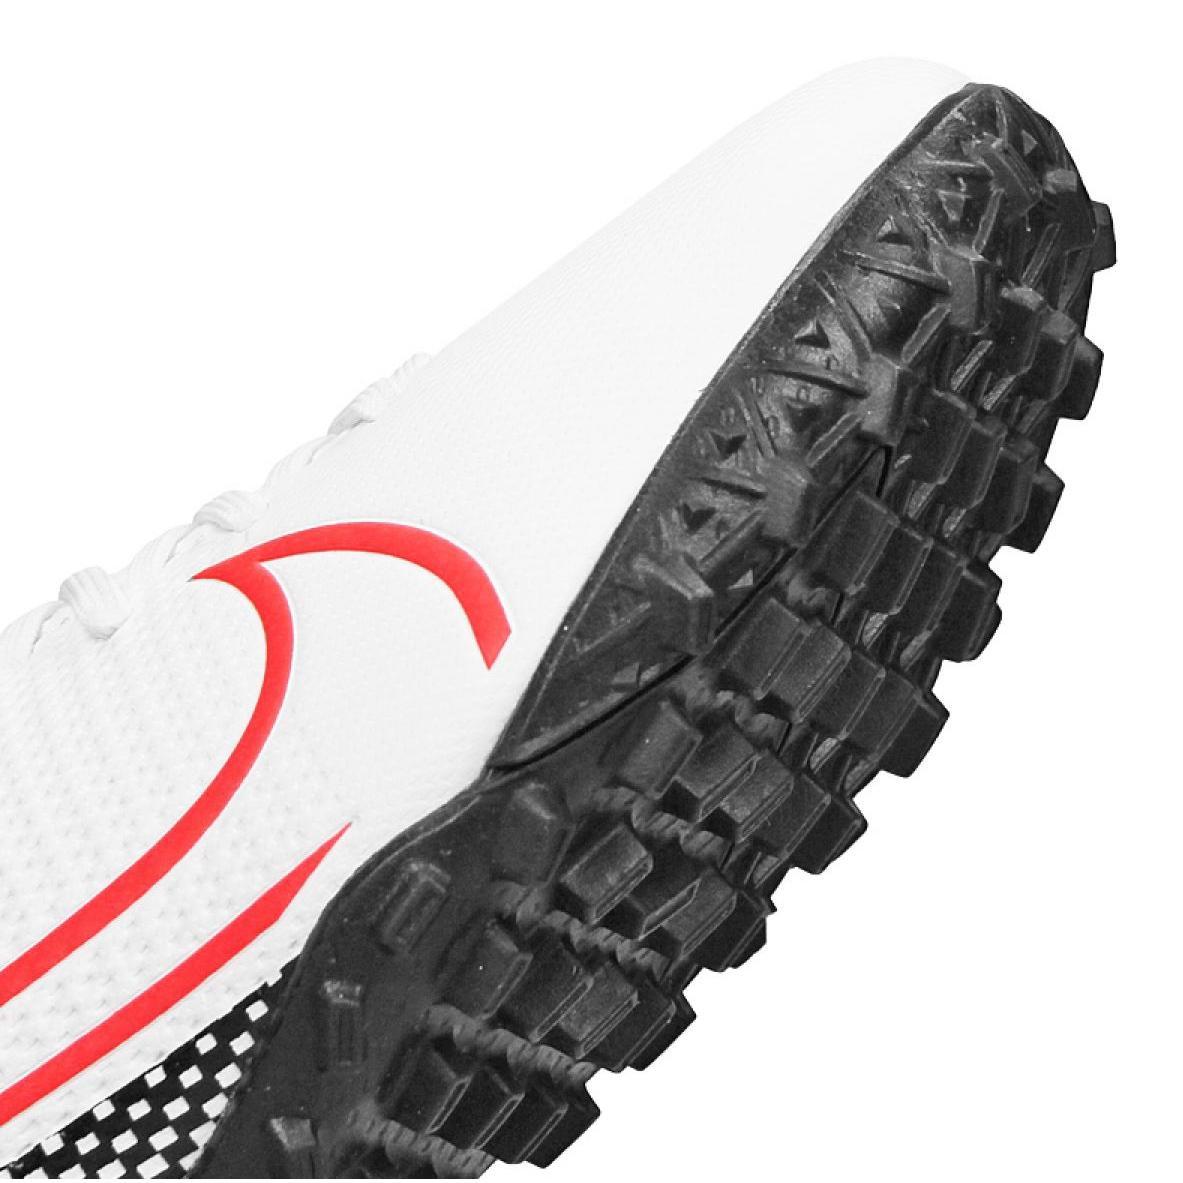 Scarpe-da-calcio-Nike-Superfly-7-Academy-Tf-Jr-AT8143-160-bianco-multicolore miniatura 4